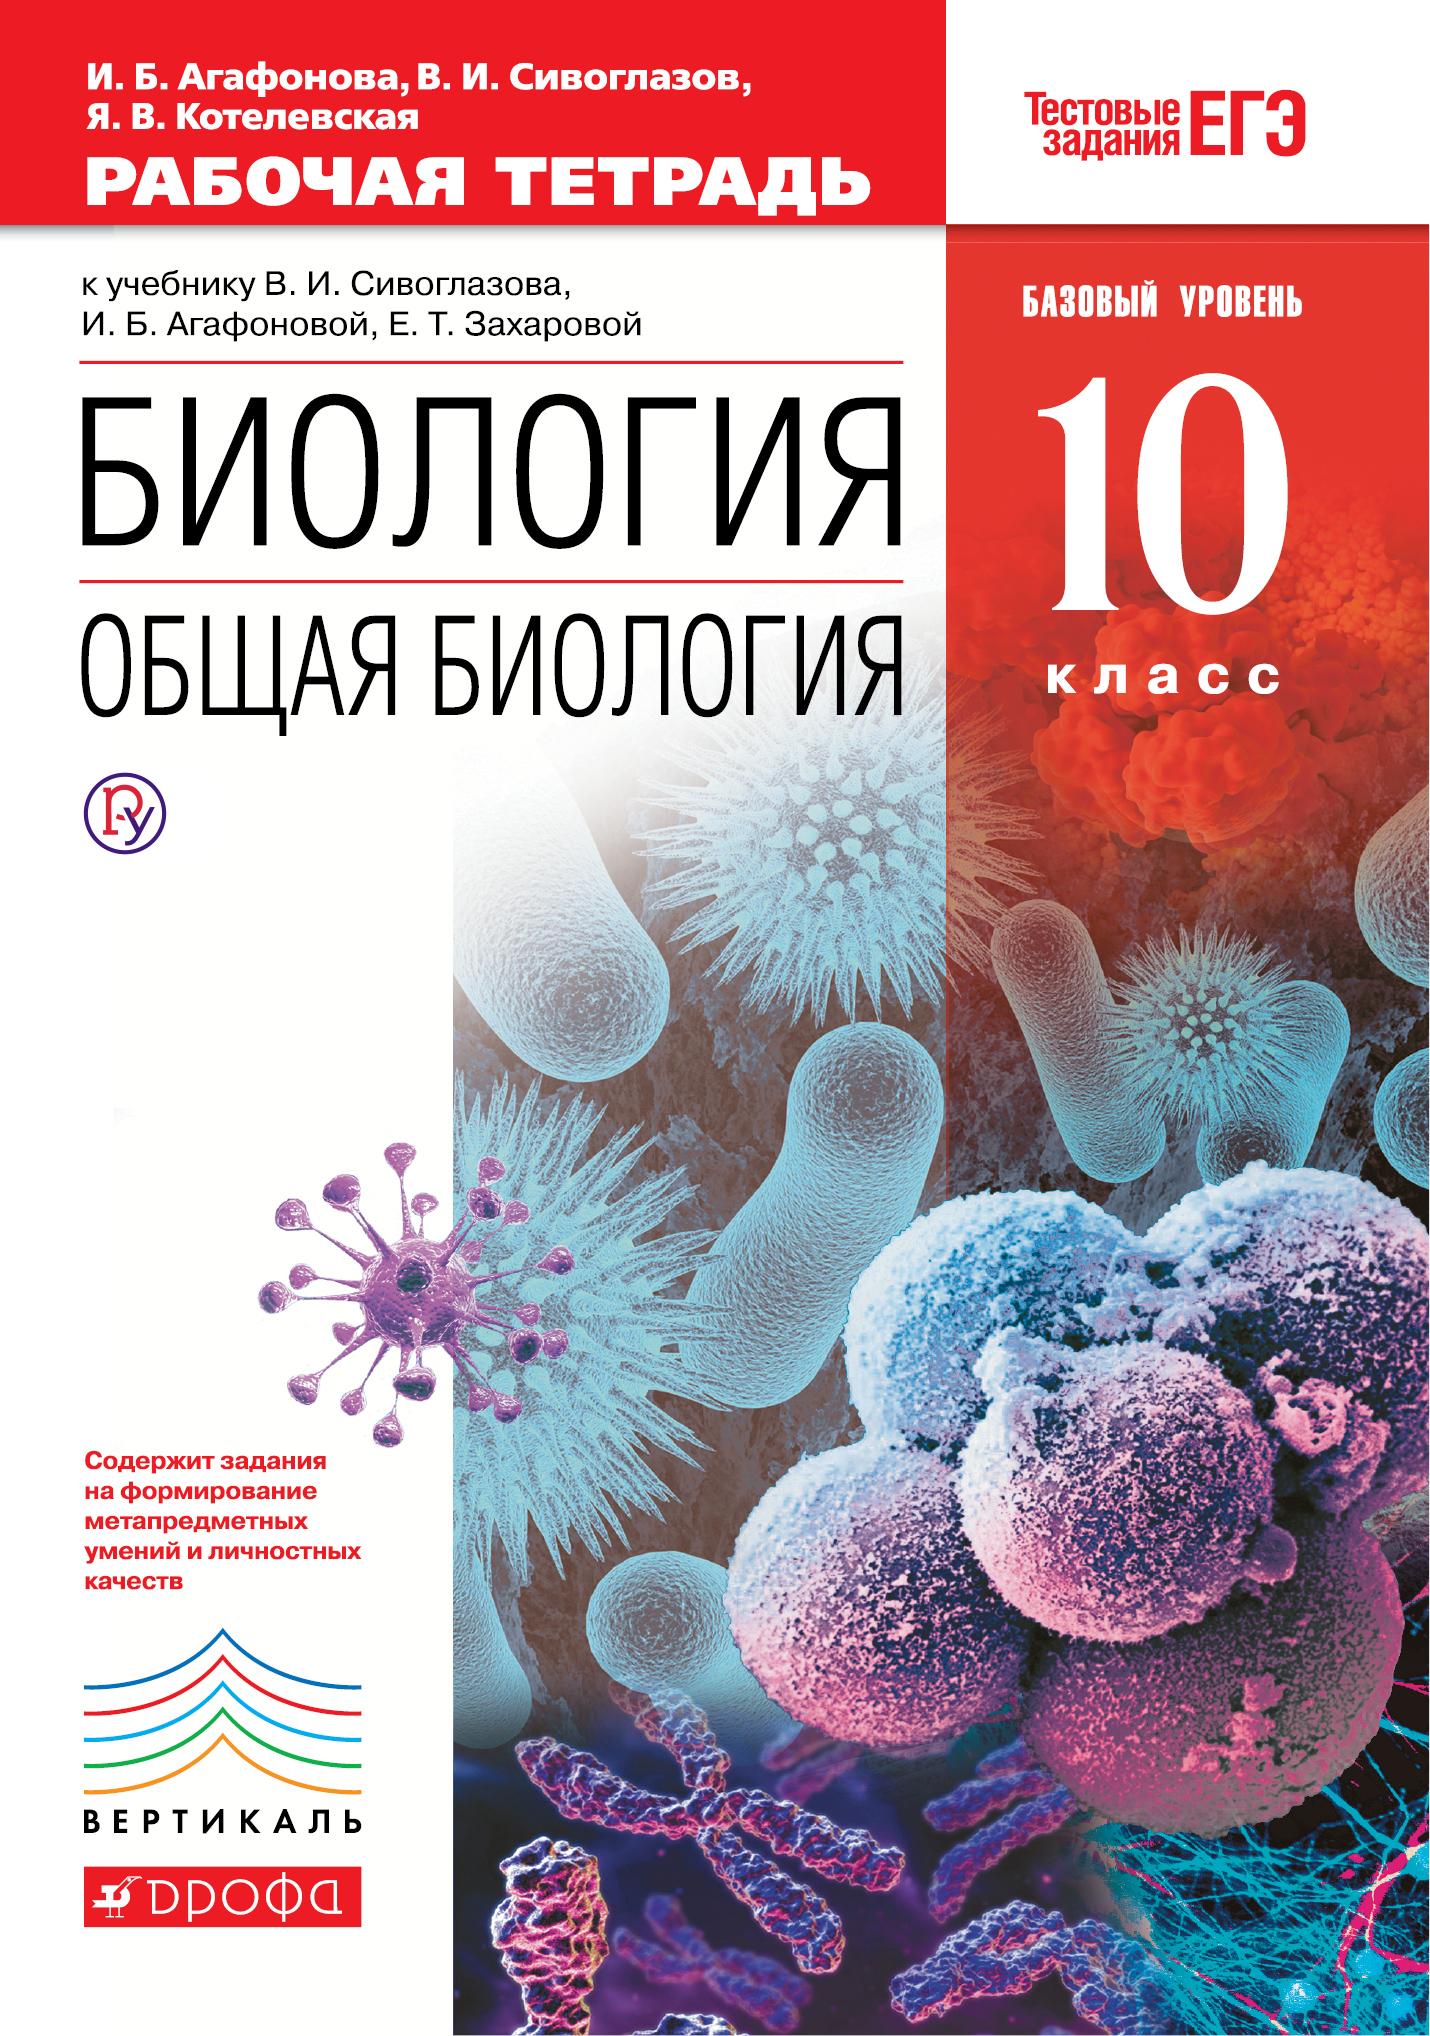 Биология. Общая биология. 10 класс. Базовый уровень. Рабочая тетрадь ( Агафонова И.Б., Сивоглазов В.И.  )